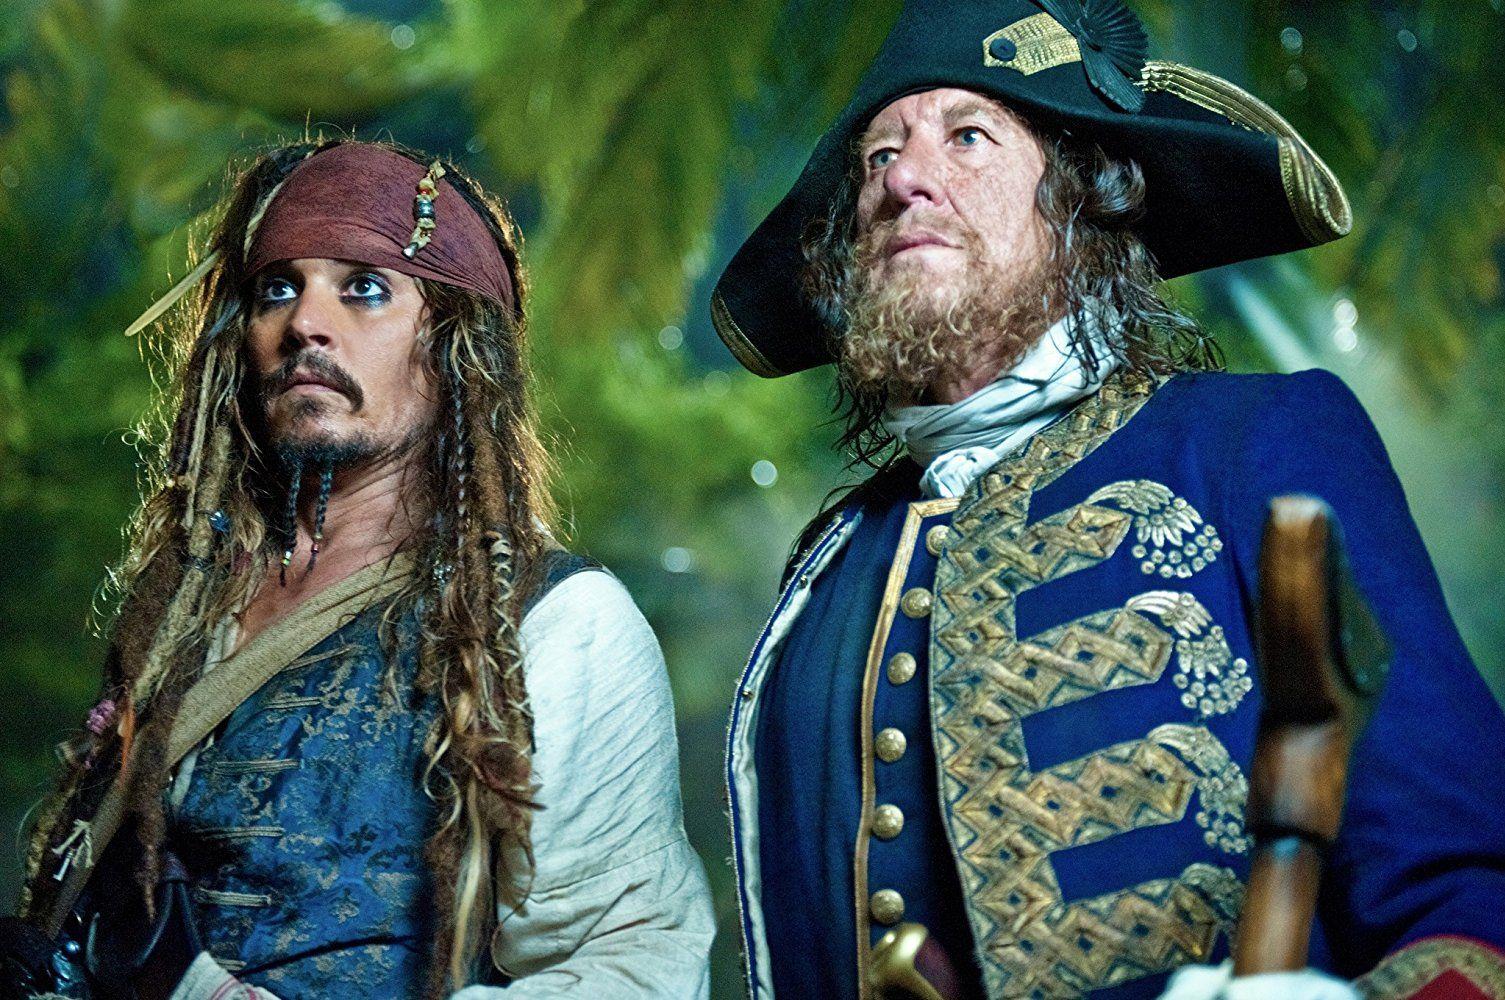 Pirati Z Karibiku Na Vlnach Podivna 2011 On Imdb Movies Tv Celebs And More Kapitan Dzhek Vorobej Piraty Karibskogo Morya Piraty